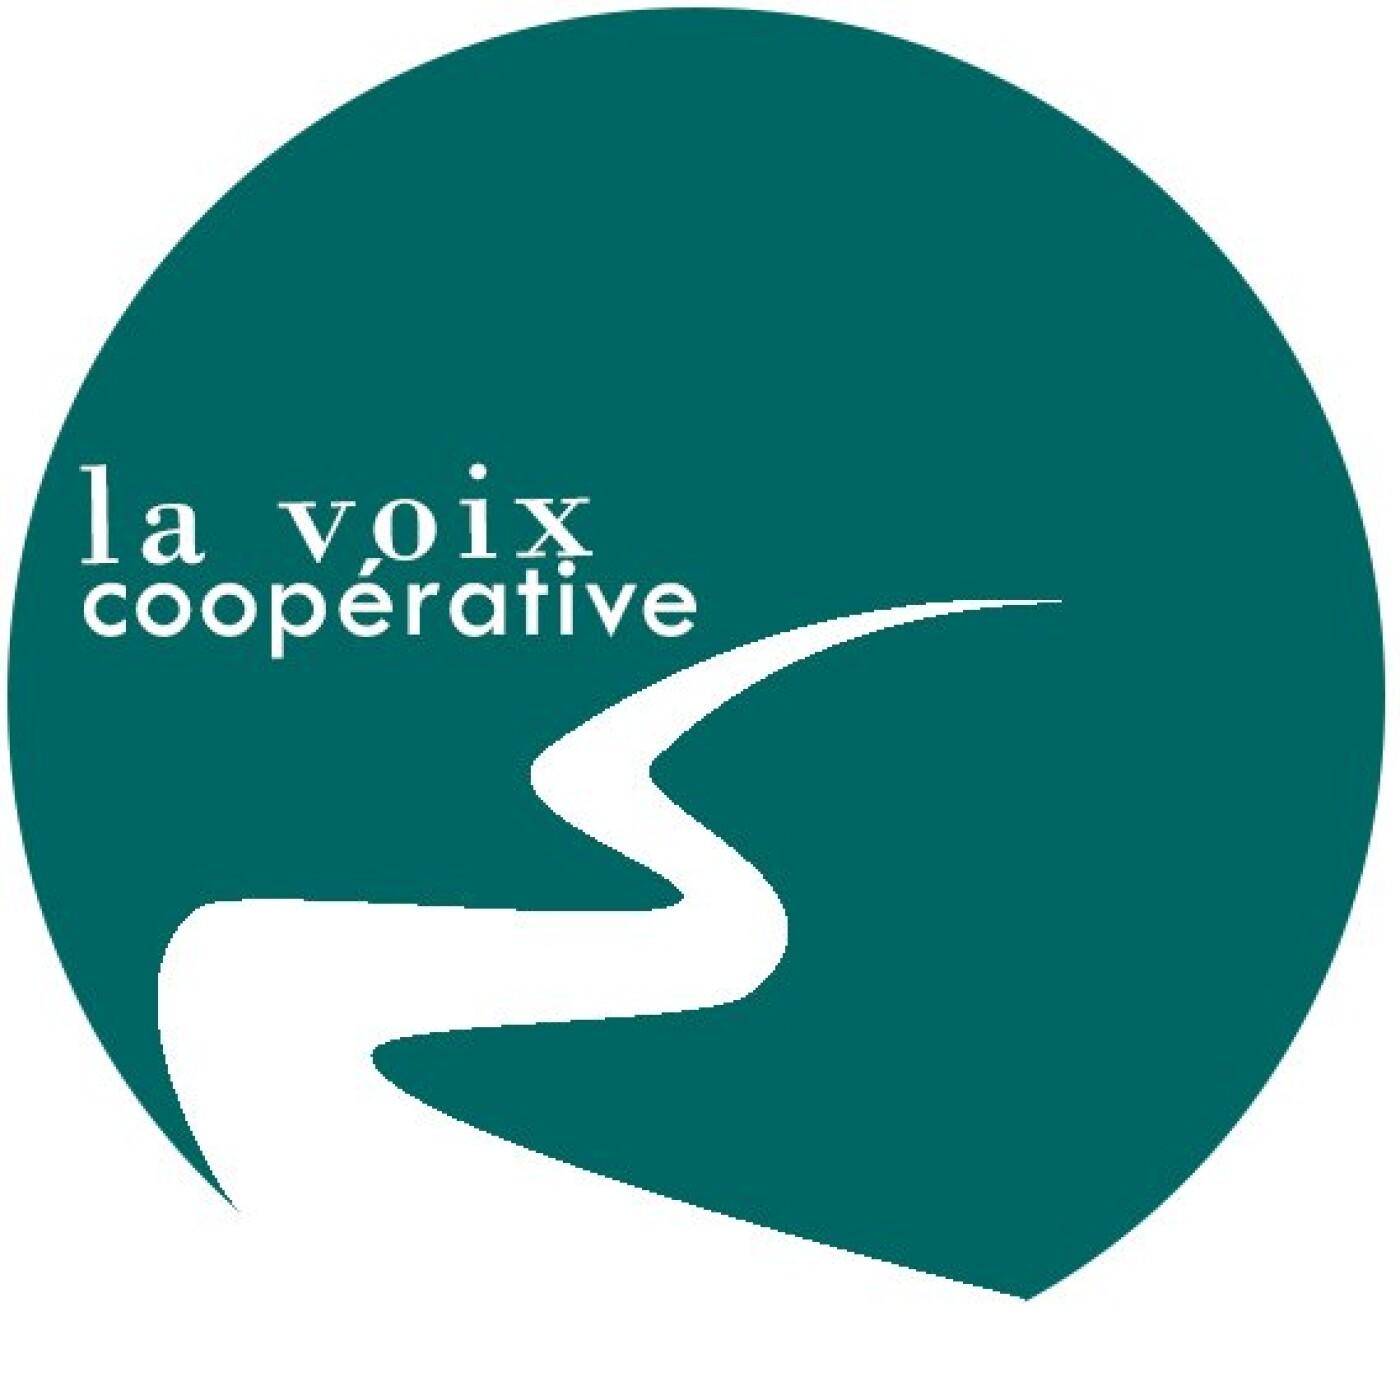 La Voix Coopérative